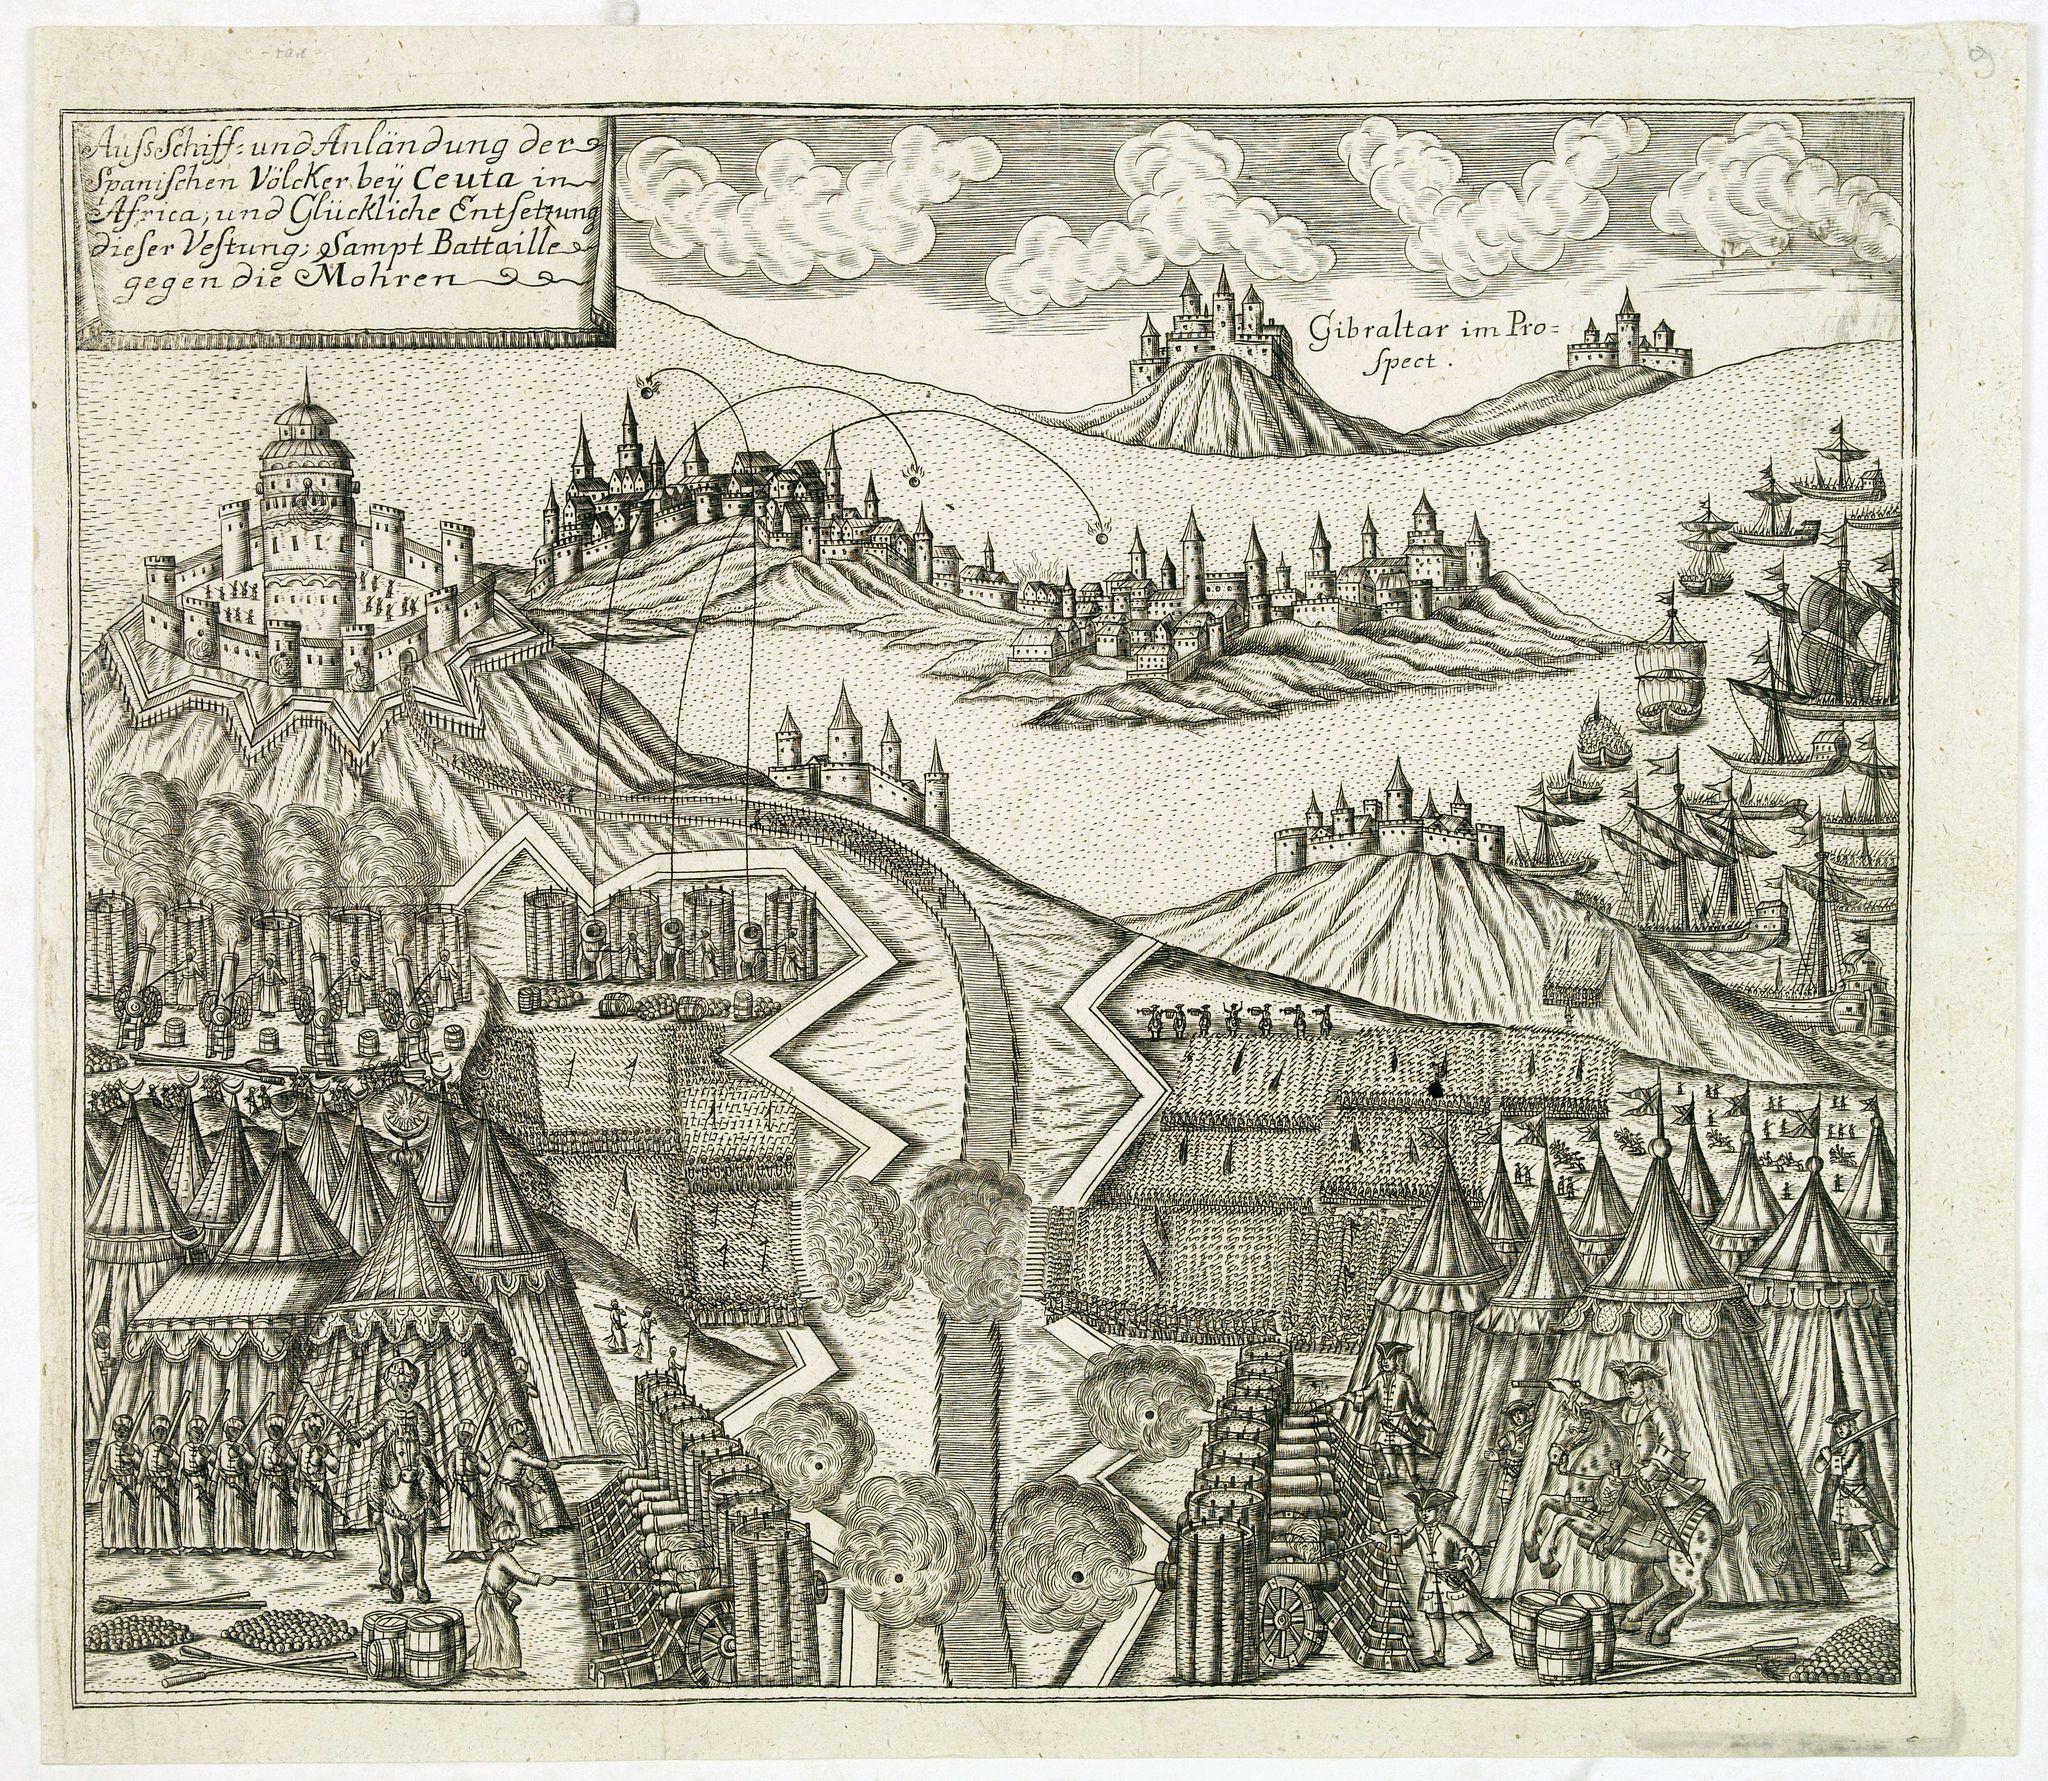 GOTTFRIED BAUMANN & CO. -  Auss Schiff und Anländung der Spanischen Völcker bey Ceuta in Africa. . .